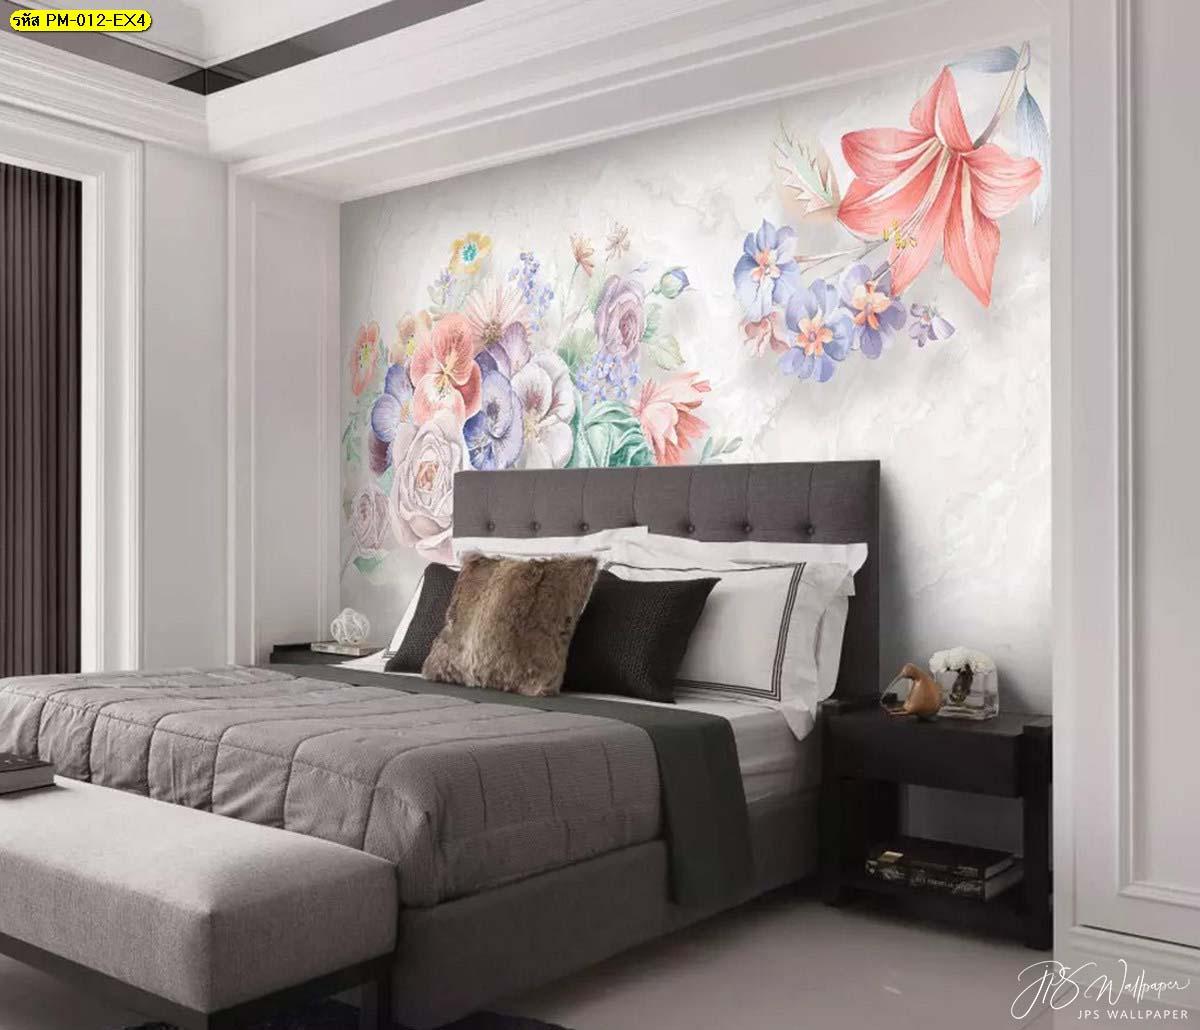 ห้องนอนเตียงใหญ่สีเข้ม กับวอลเปเปอร์ติดผนังสวยหรูลายดอกไม้